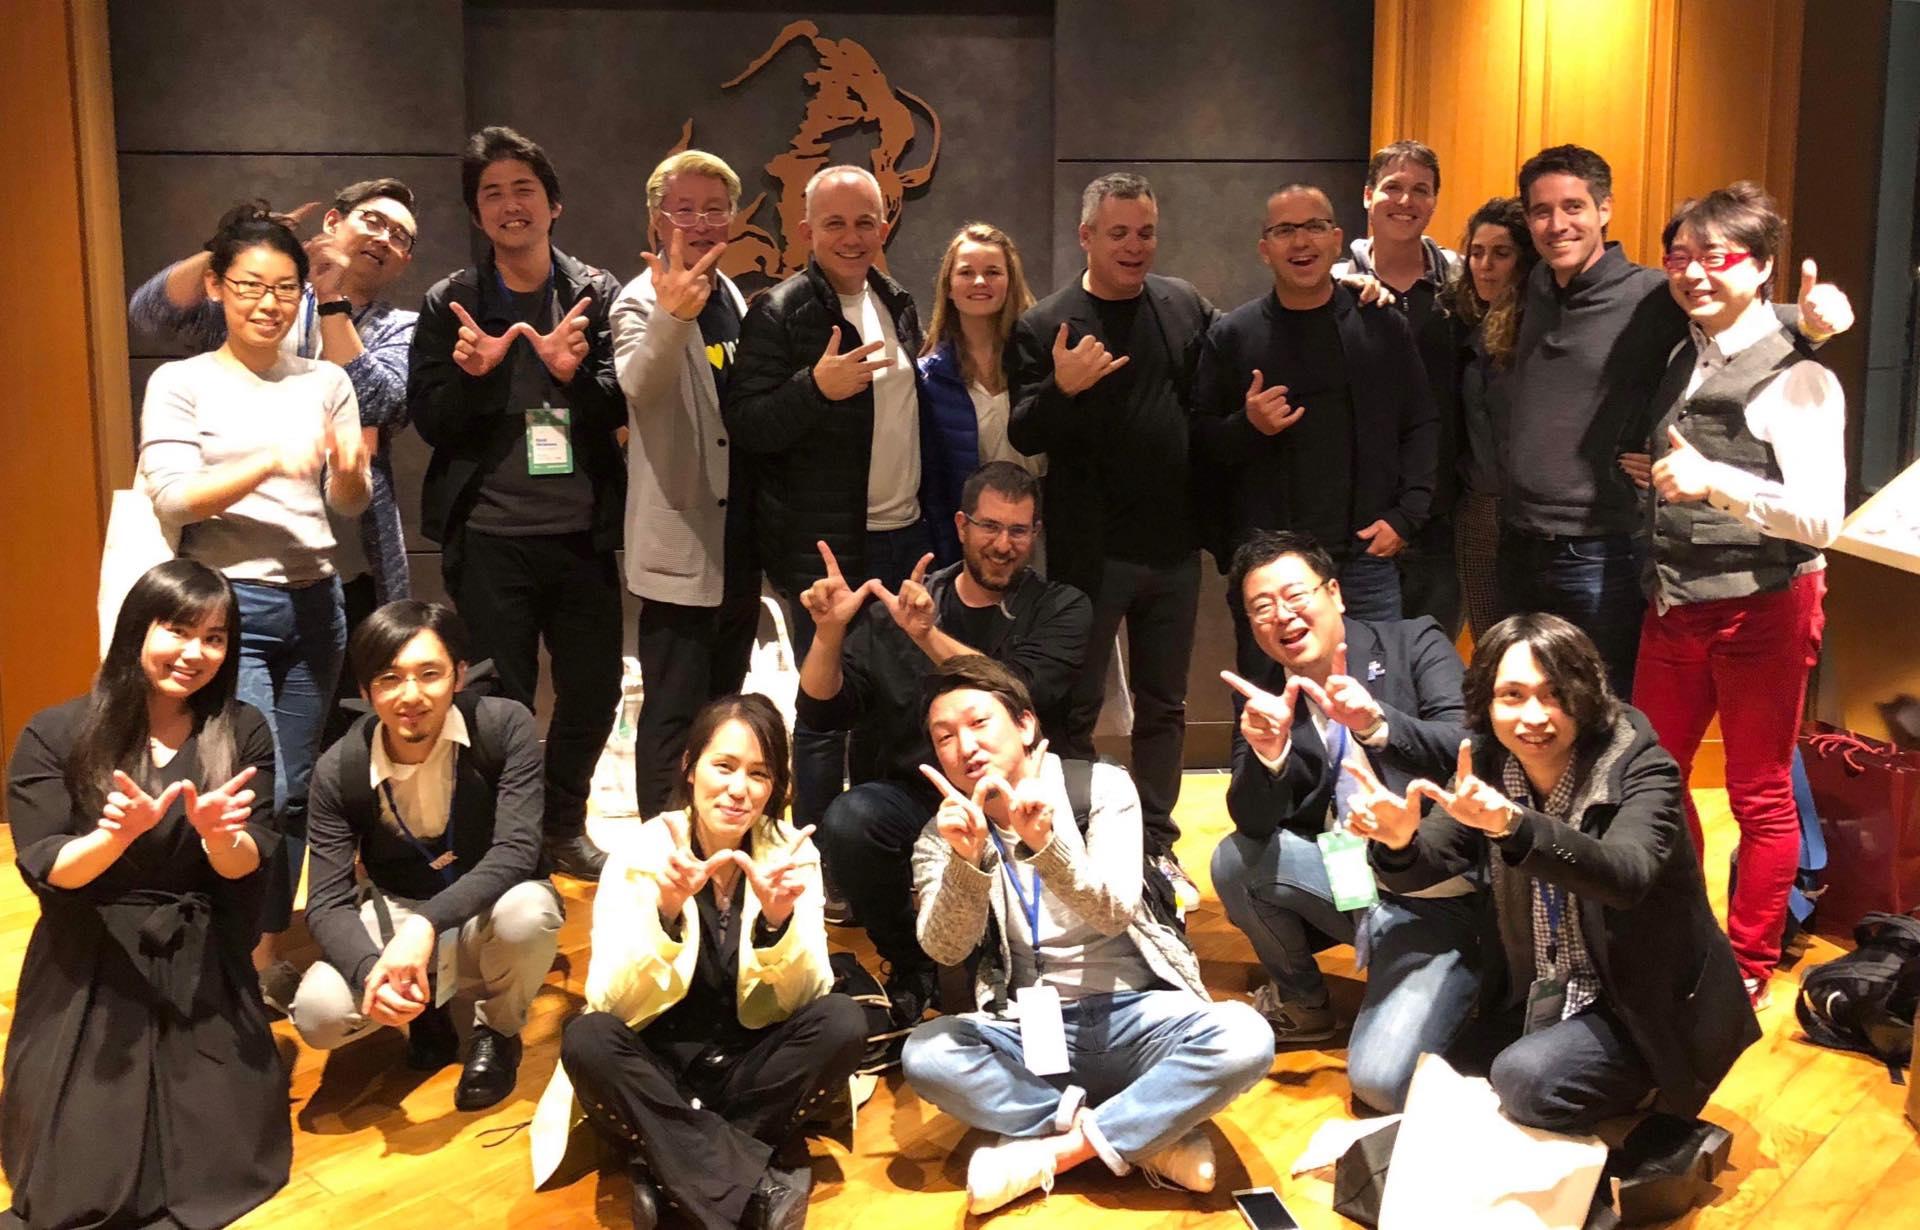 2018年3月27日 Wix Japan Summit 2018 Wix経営陣来日、Wix公式アンバサダーとして参加。